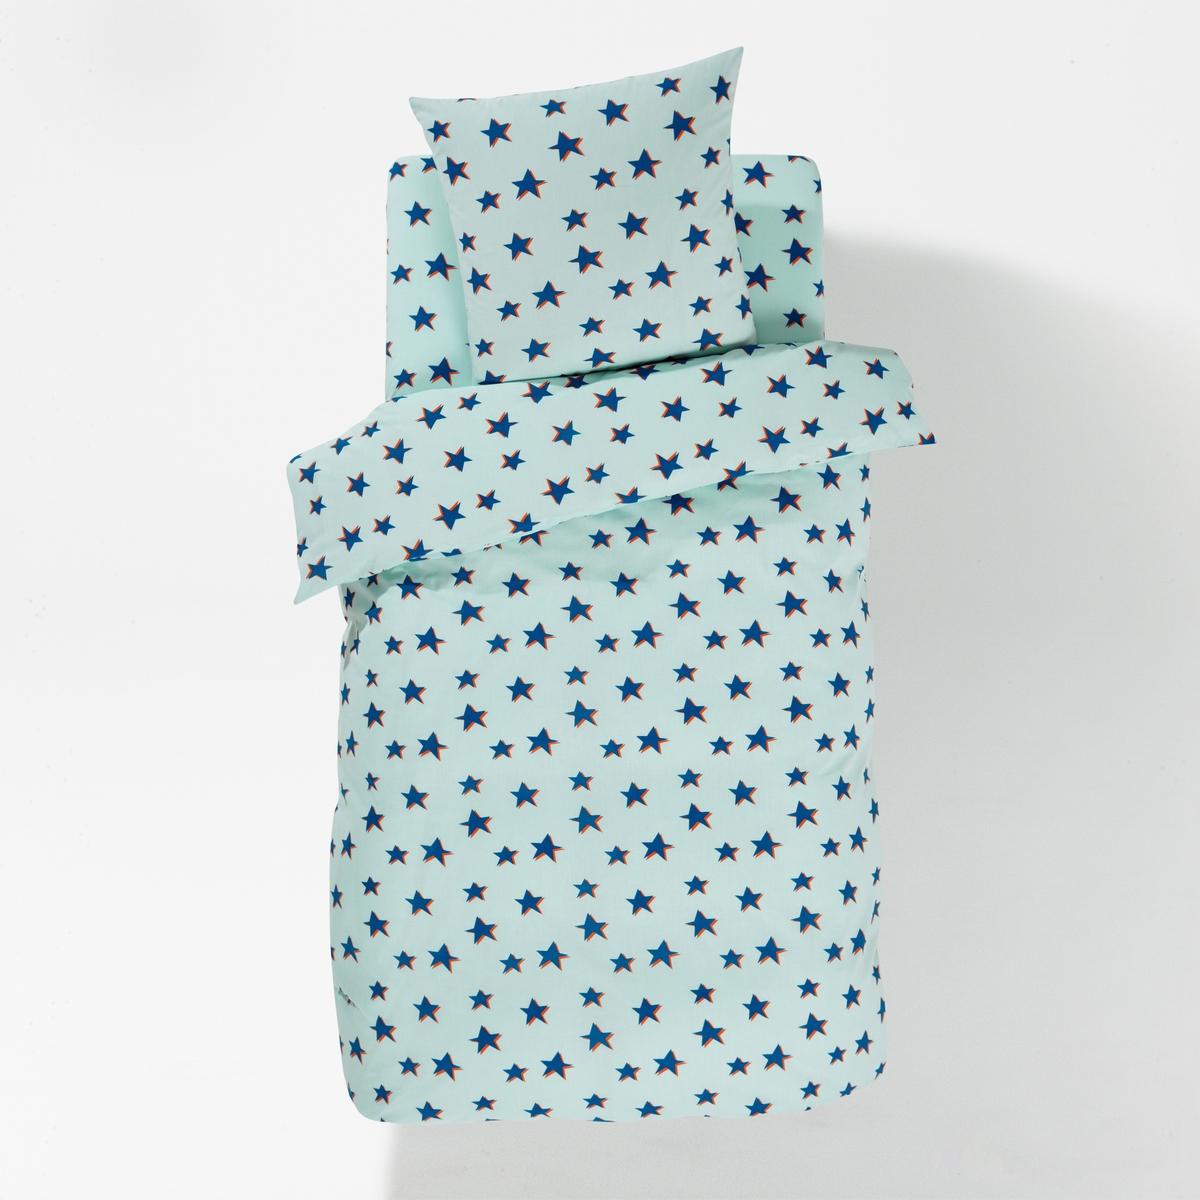 Постельное белье ?TOILESОписание постельного белья ?toiles:Пододеяльник Kyoka : сплошной принт звезды на синем фоне с обеих сторон .Прямой низ.Наволочка : 63 x 63 см, сплошной принт на синем фоне с обеих сторон.Характеристики постельного белья ?toiles:100% хлопка 47 нитей/см?. Чем больше плотность переплетения нитей/см?, тем качественнее материал.Стирка при 60°..Размеры комплекта : 140 x 200 см+ 1 наволочка 63 x 63 см200 x 200 см + 1 наволочка 63 x 63 смНайдите весь комплект постельного белья на нашем сайте<br><br>Цвет: синий/ оранжевый